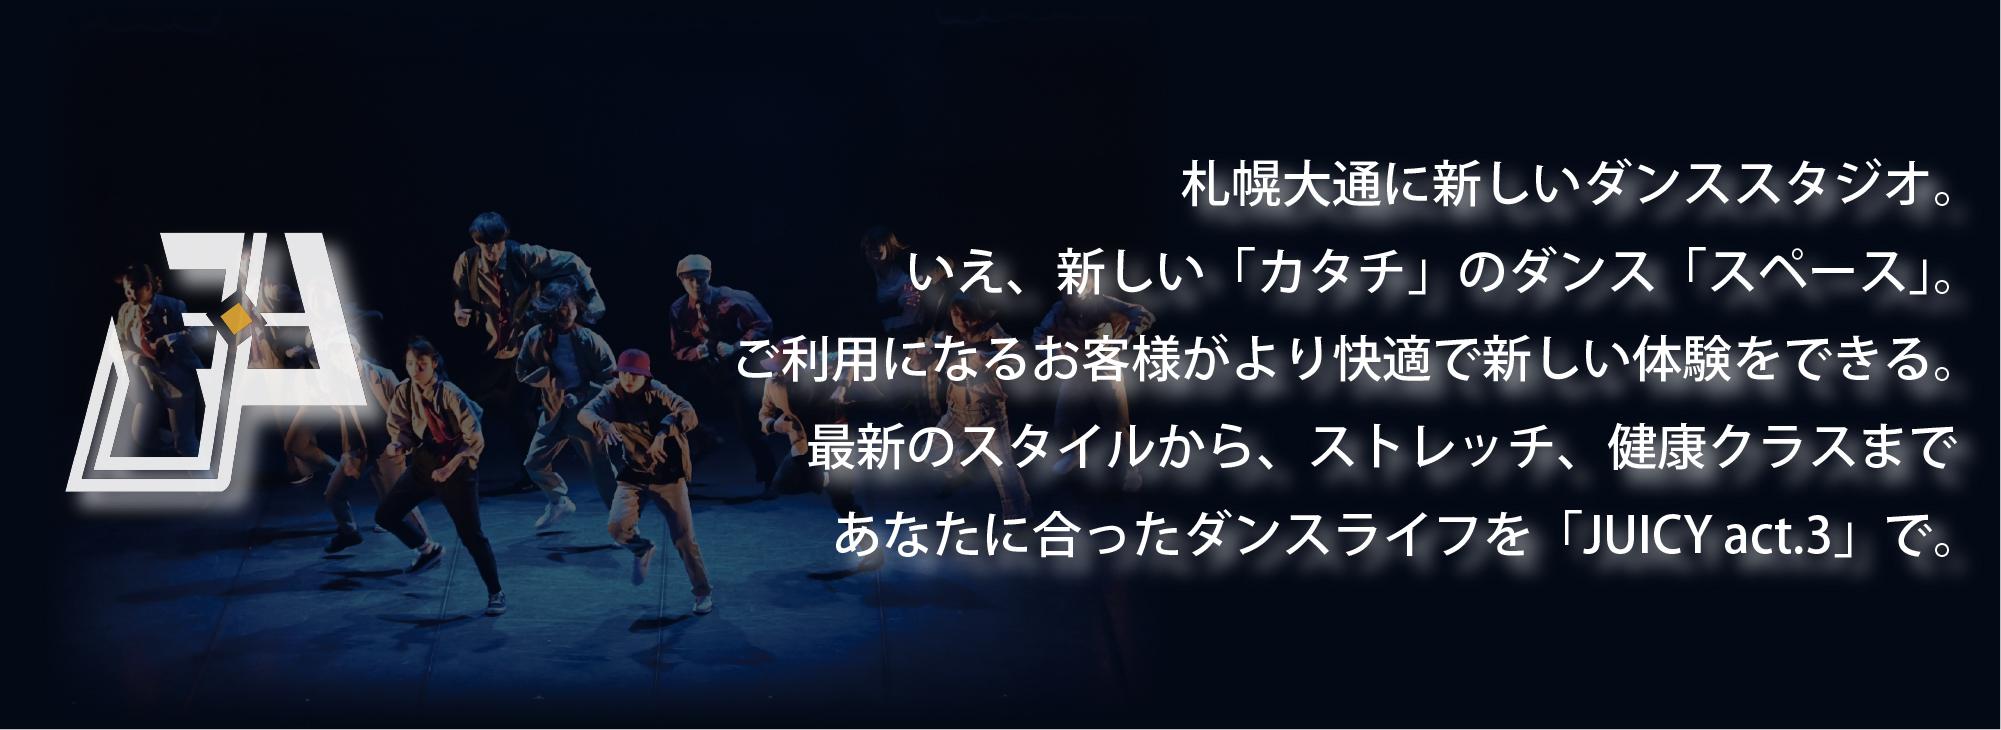 札幌 ダンススペースジューシーアクトスリー | Dance+Space JUICYact.3 SAPPORO